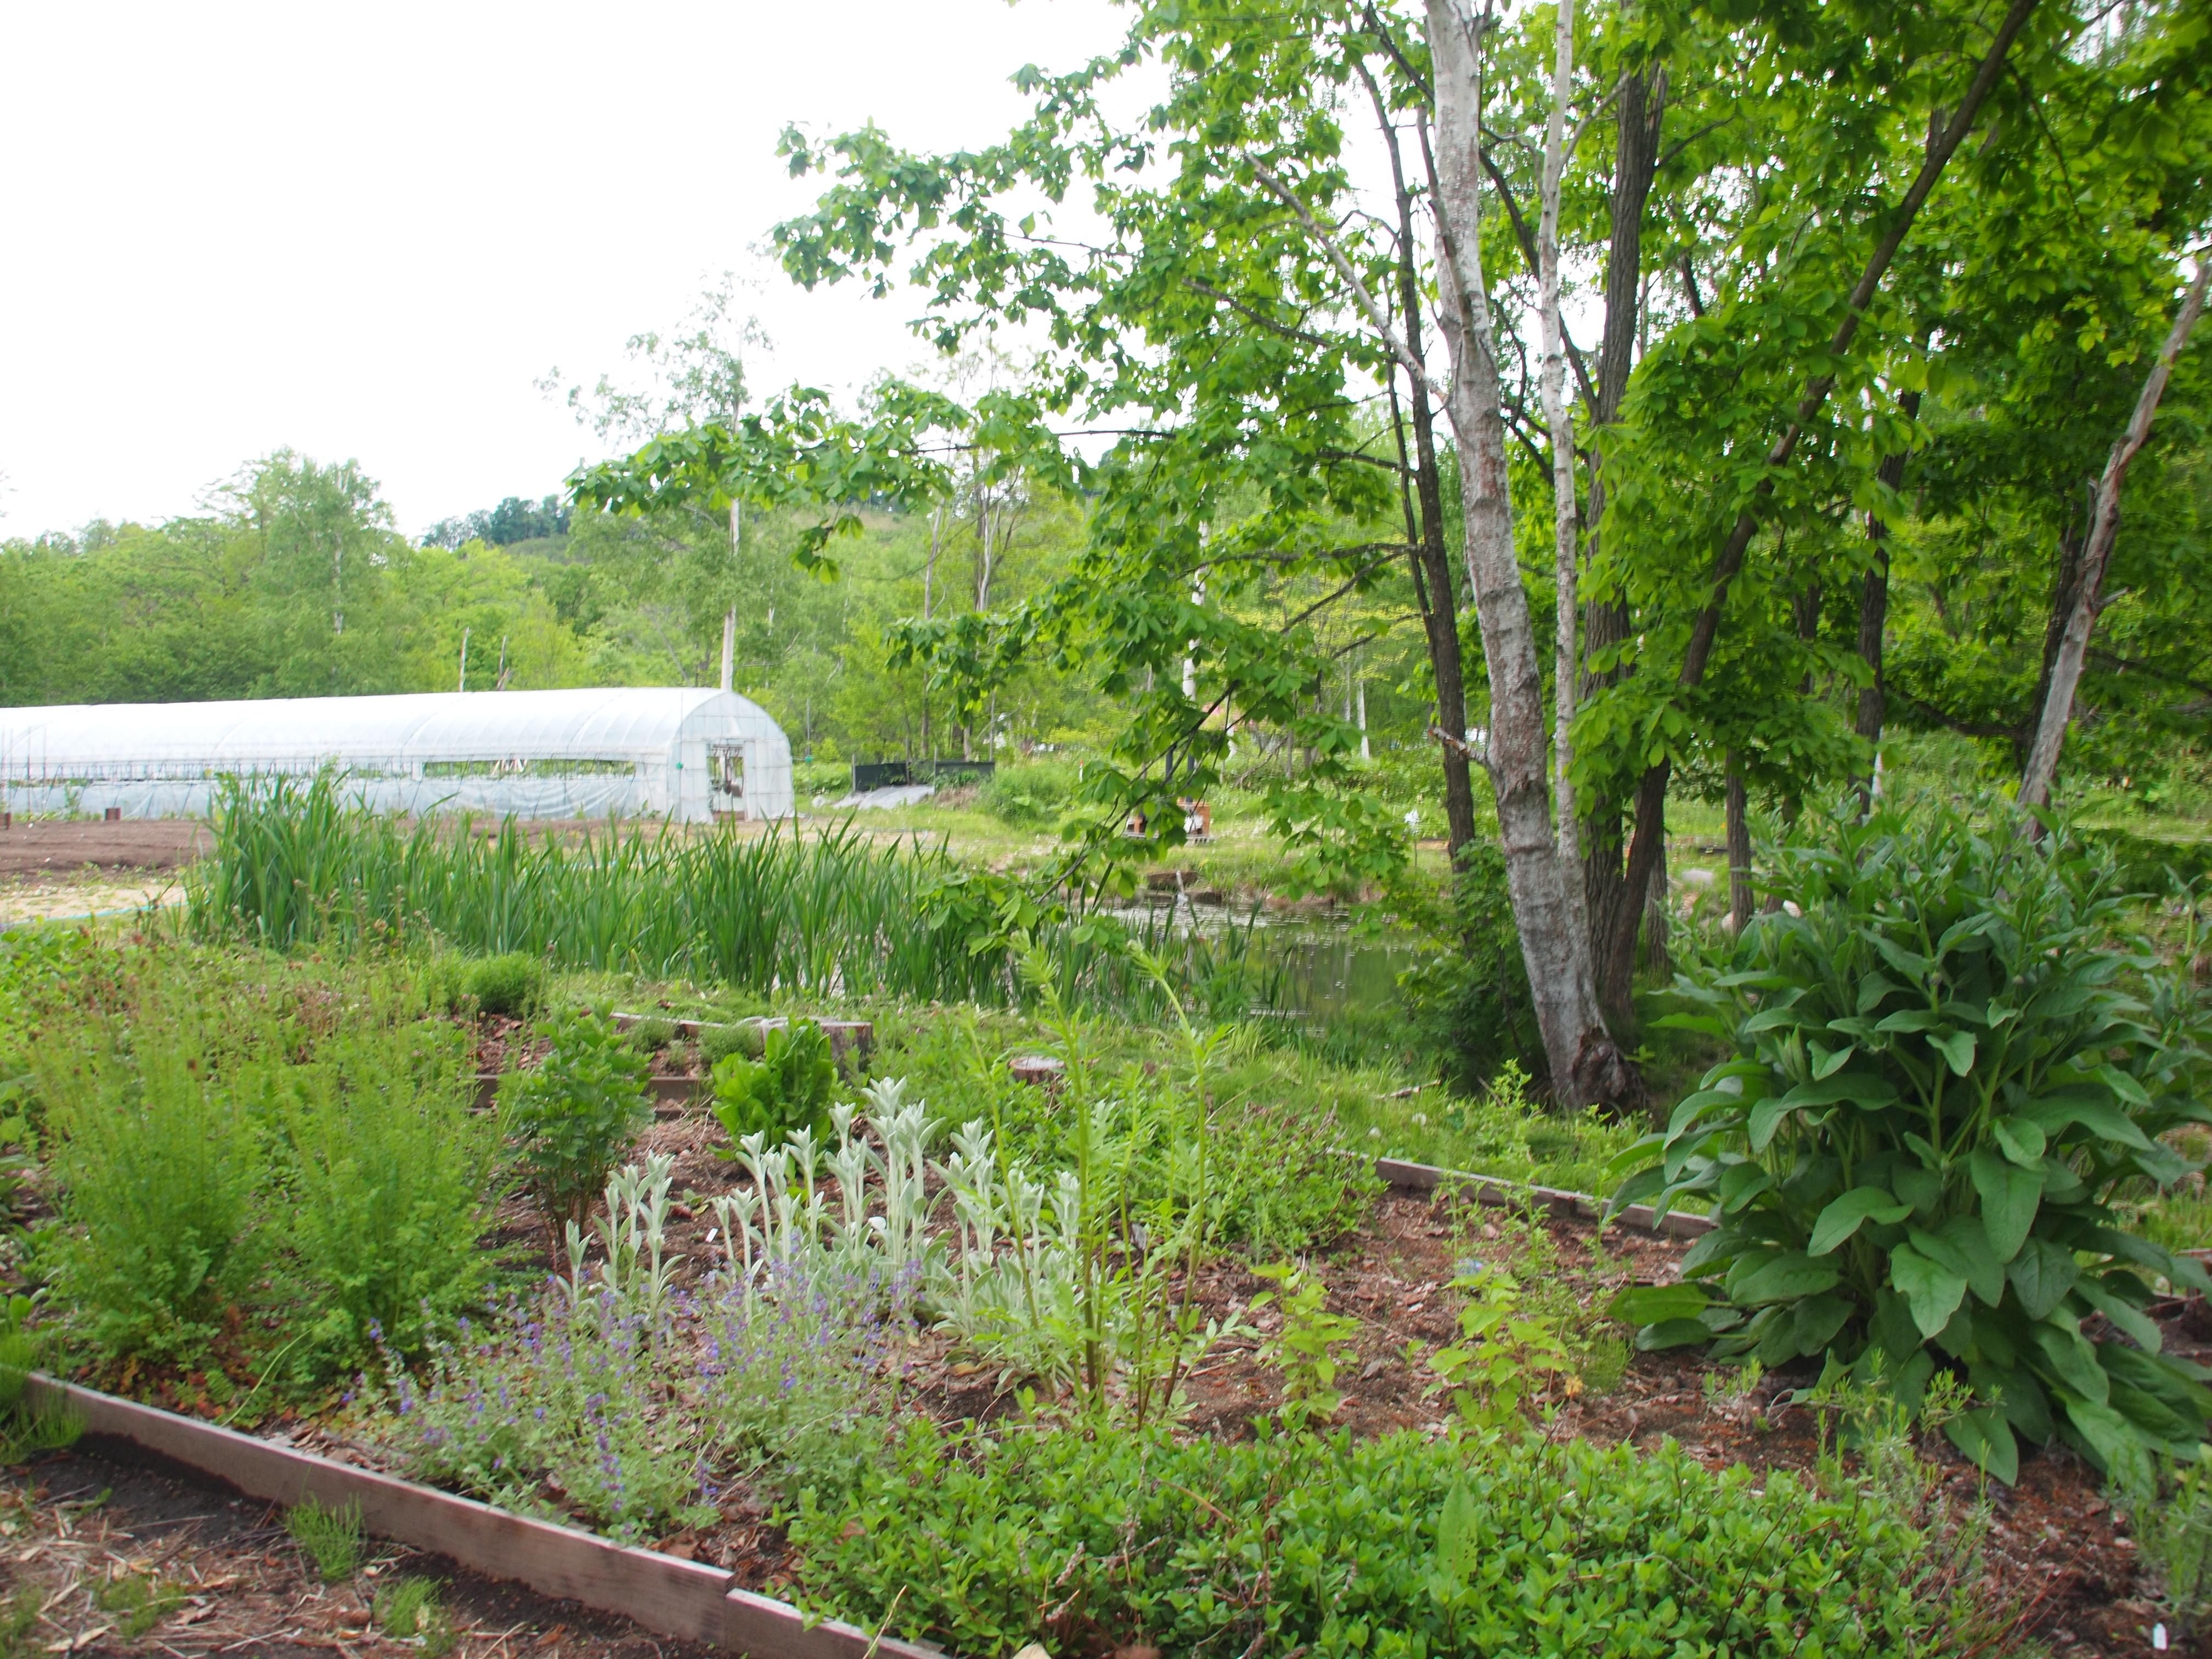 ガーデン調査に、いいね!農styleハーブガーデンへ♪